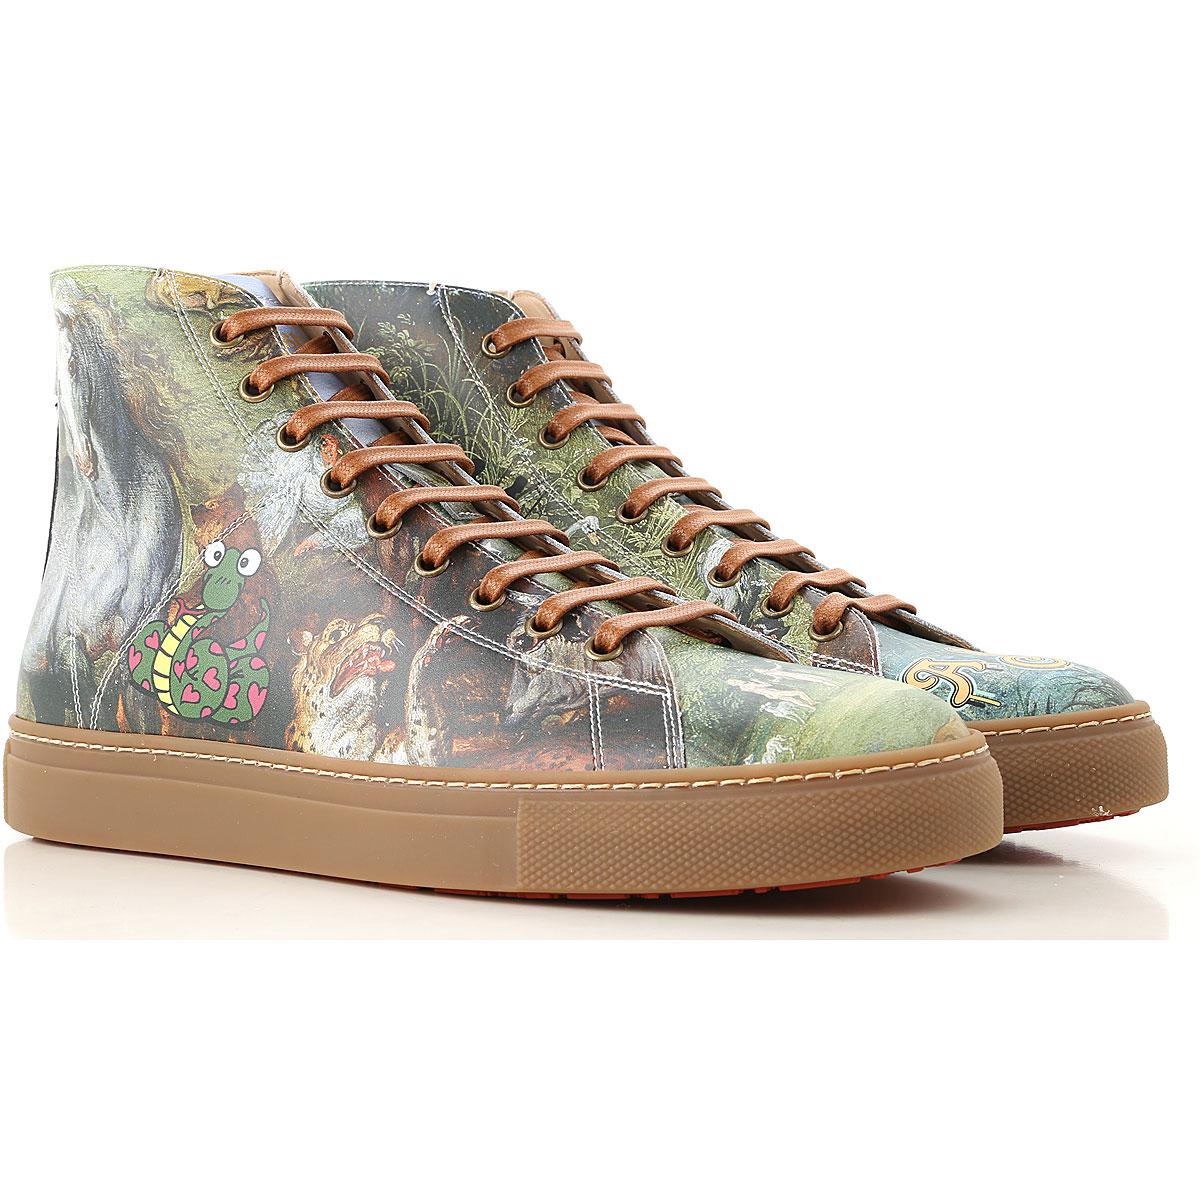 Vivienne Westwood Sneaker Homme Pas cher en Soldes, Multicolore, Cuir, 2017, 40 41 43